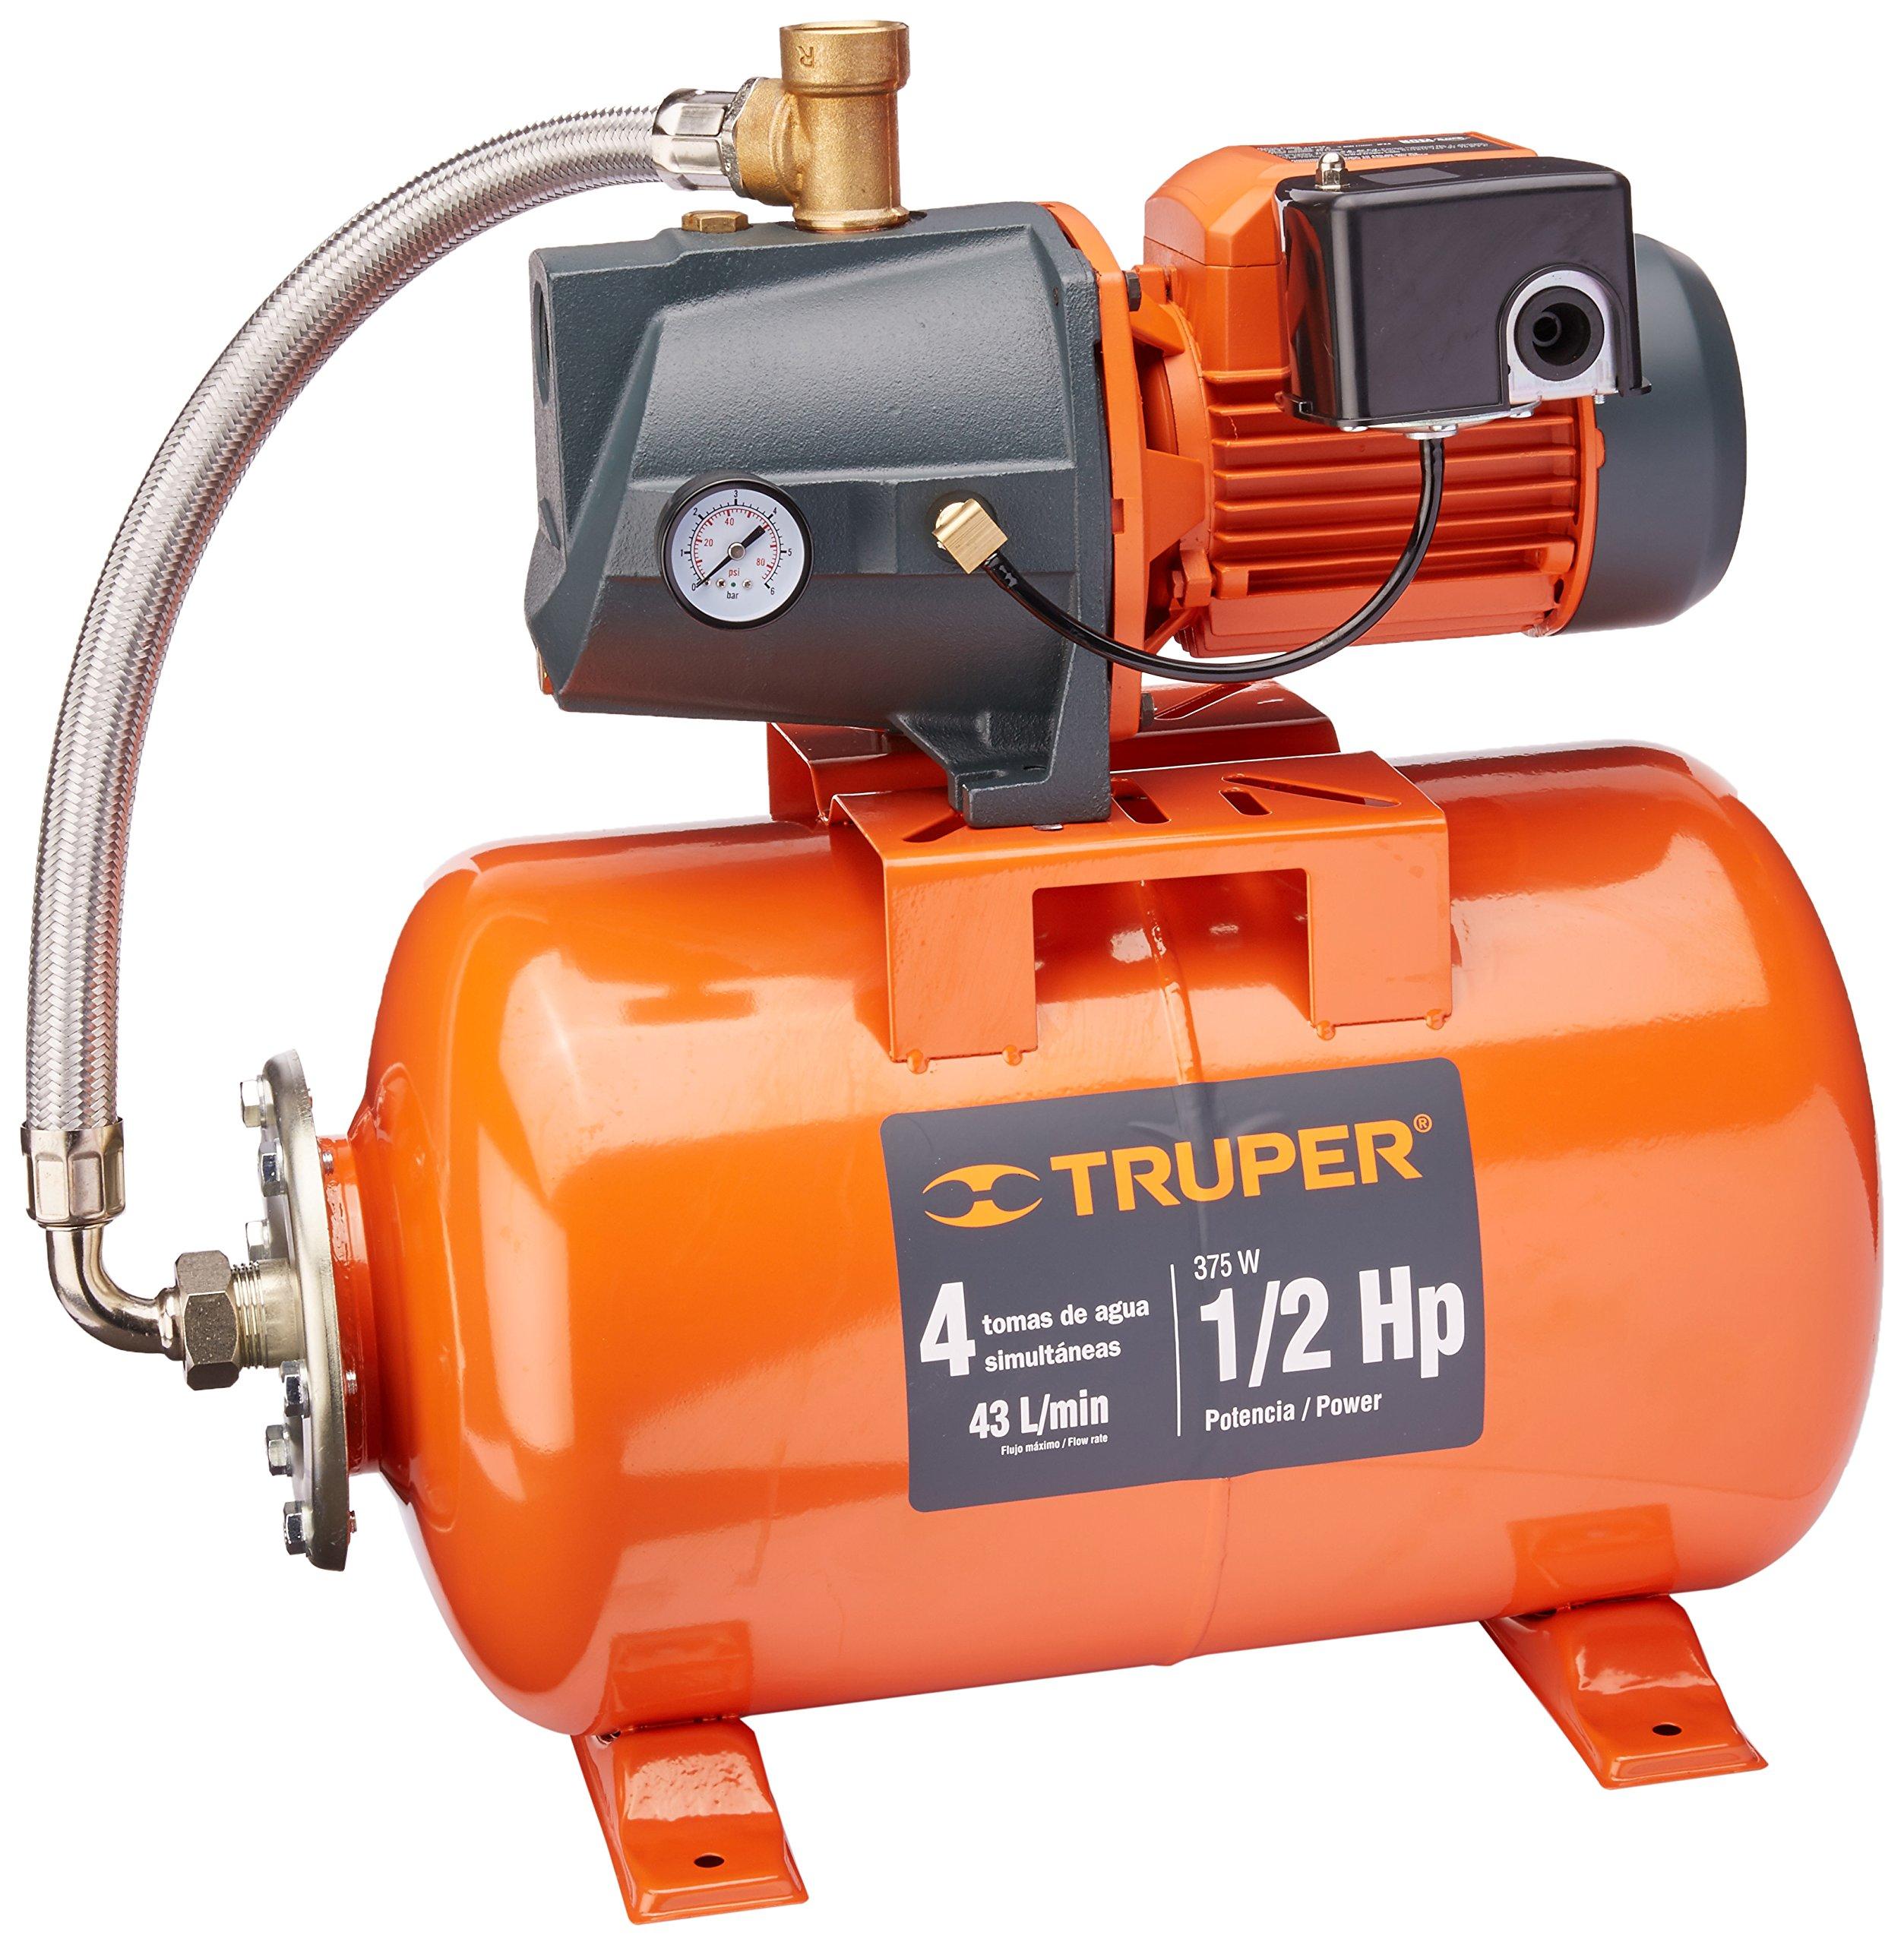 TRUPER HIDR-1/2X24 1/2 HP 11 GPM Jet Pump / Tank Systems 1/2Hp 6 Gal (24L)